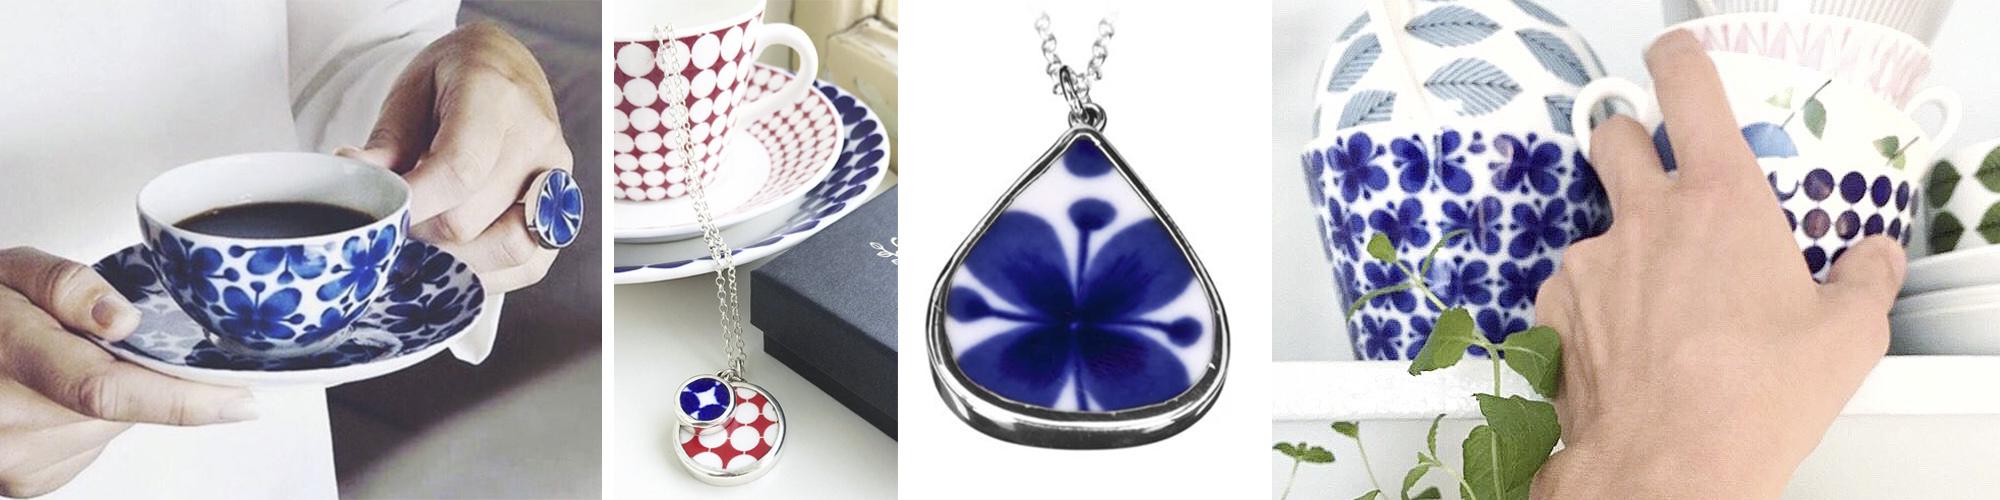 smykker af porcelæn